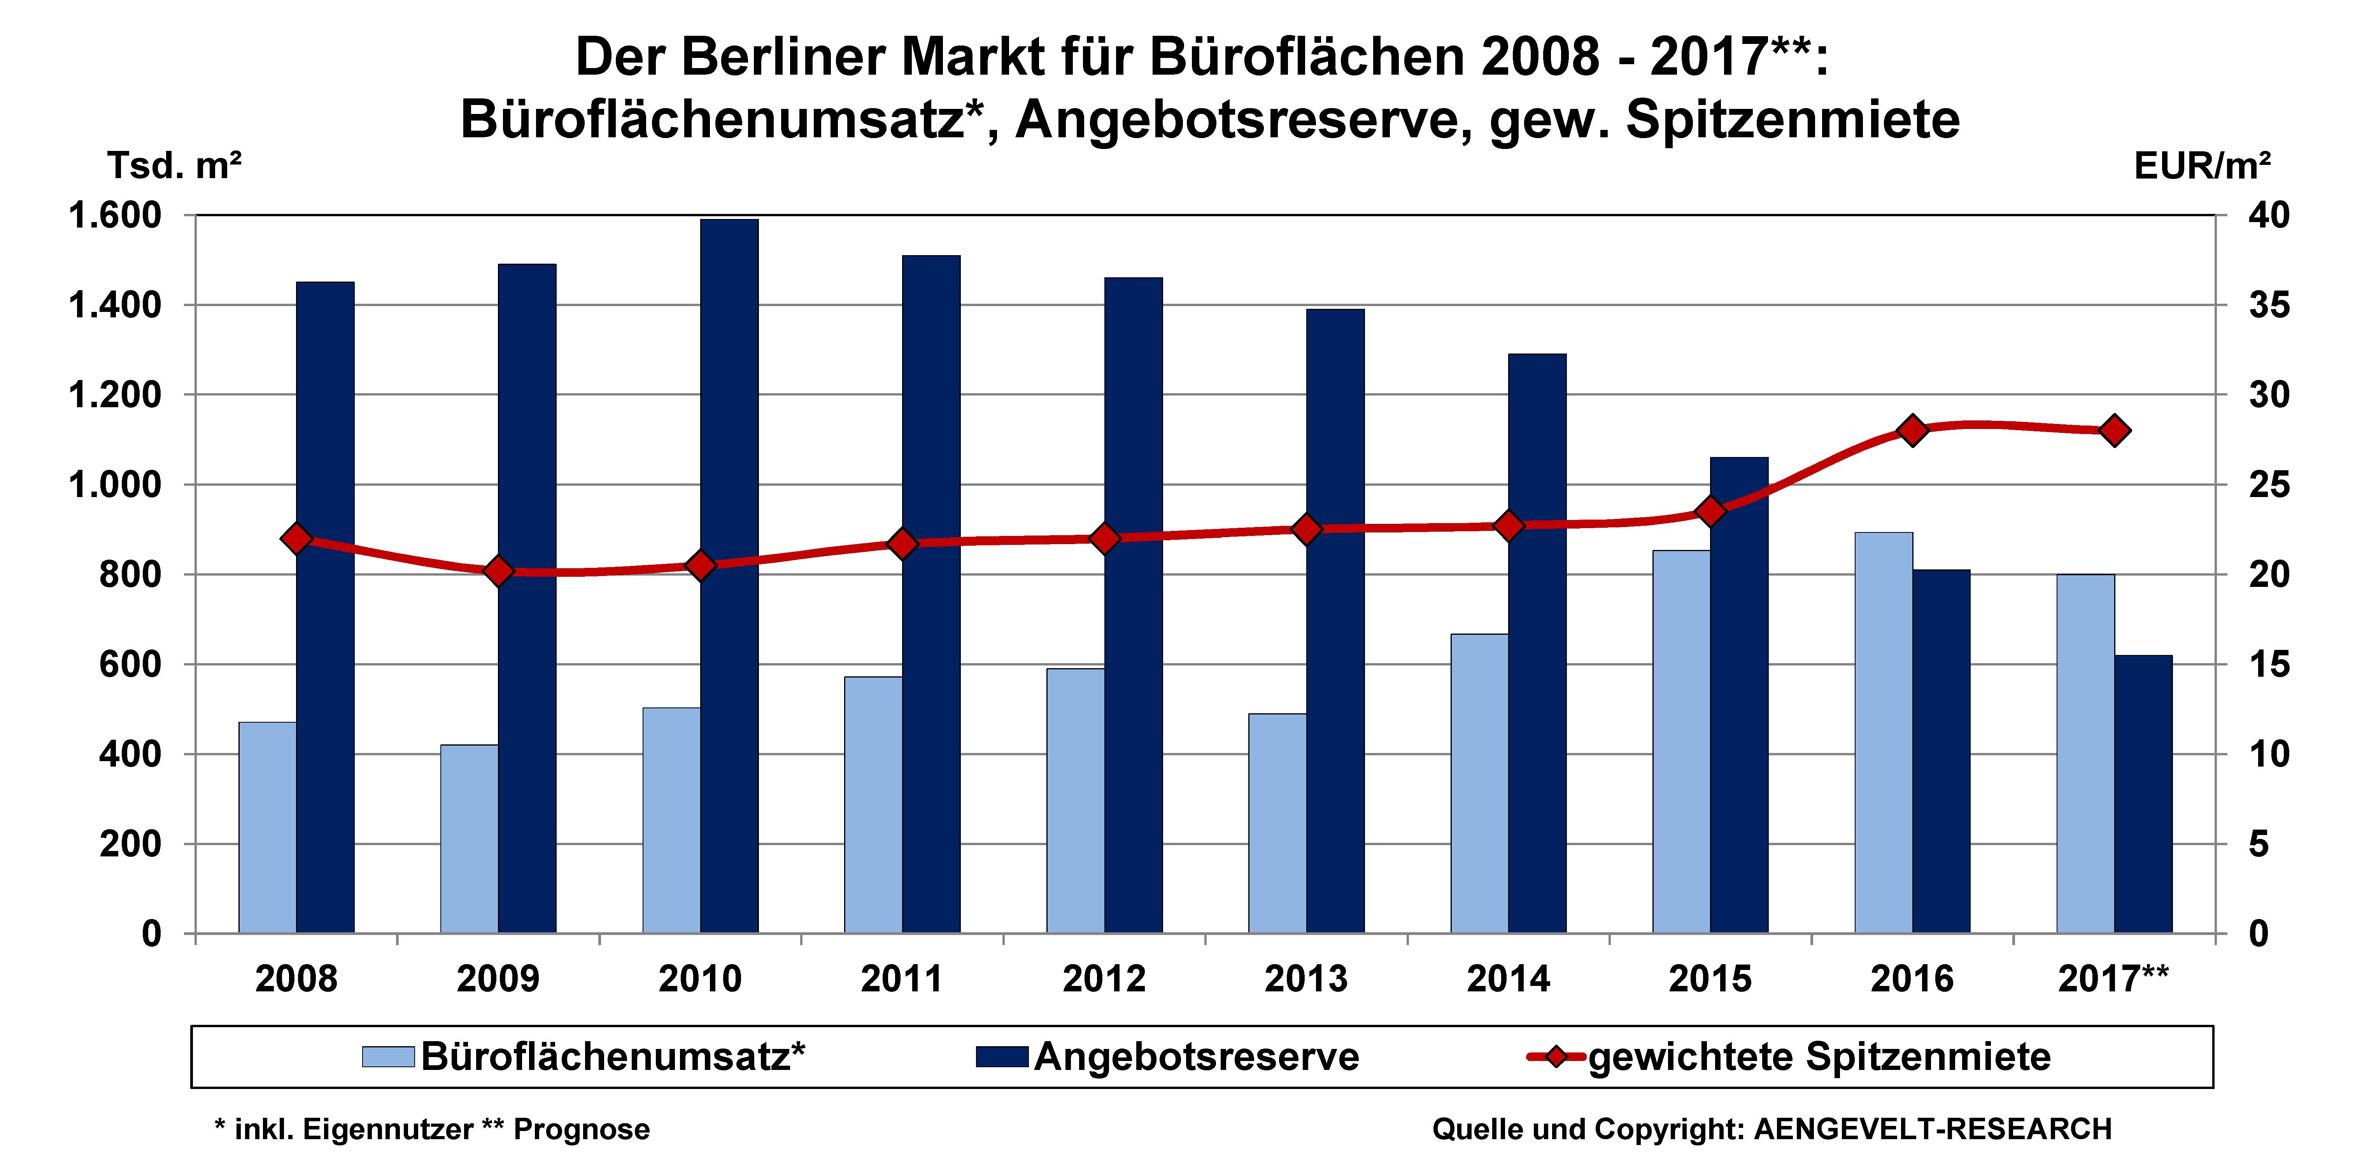 Grafik-Bueromarkt-Berlin-Flaechenumsatz-Angebotsreserve-Spitzenmiete-2008-2017-10-01-2017 in Berliner Büromarkt übertrifft Umsatzhoch aus 2015